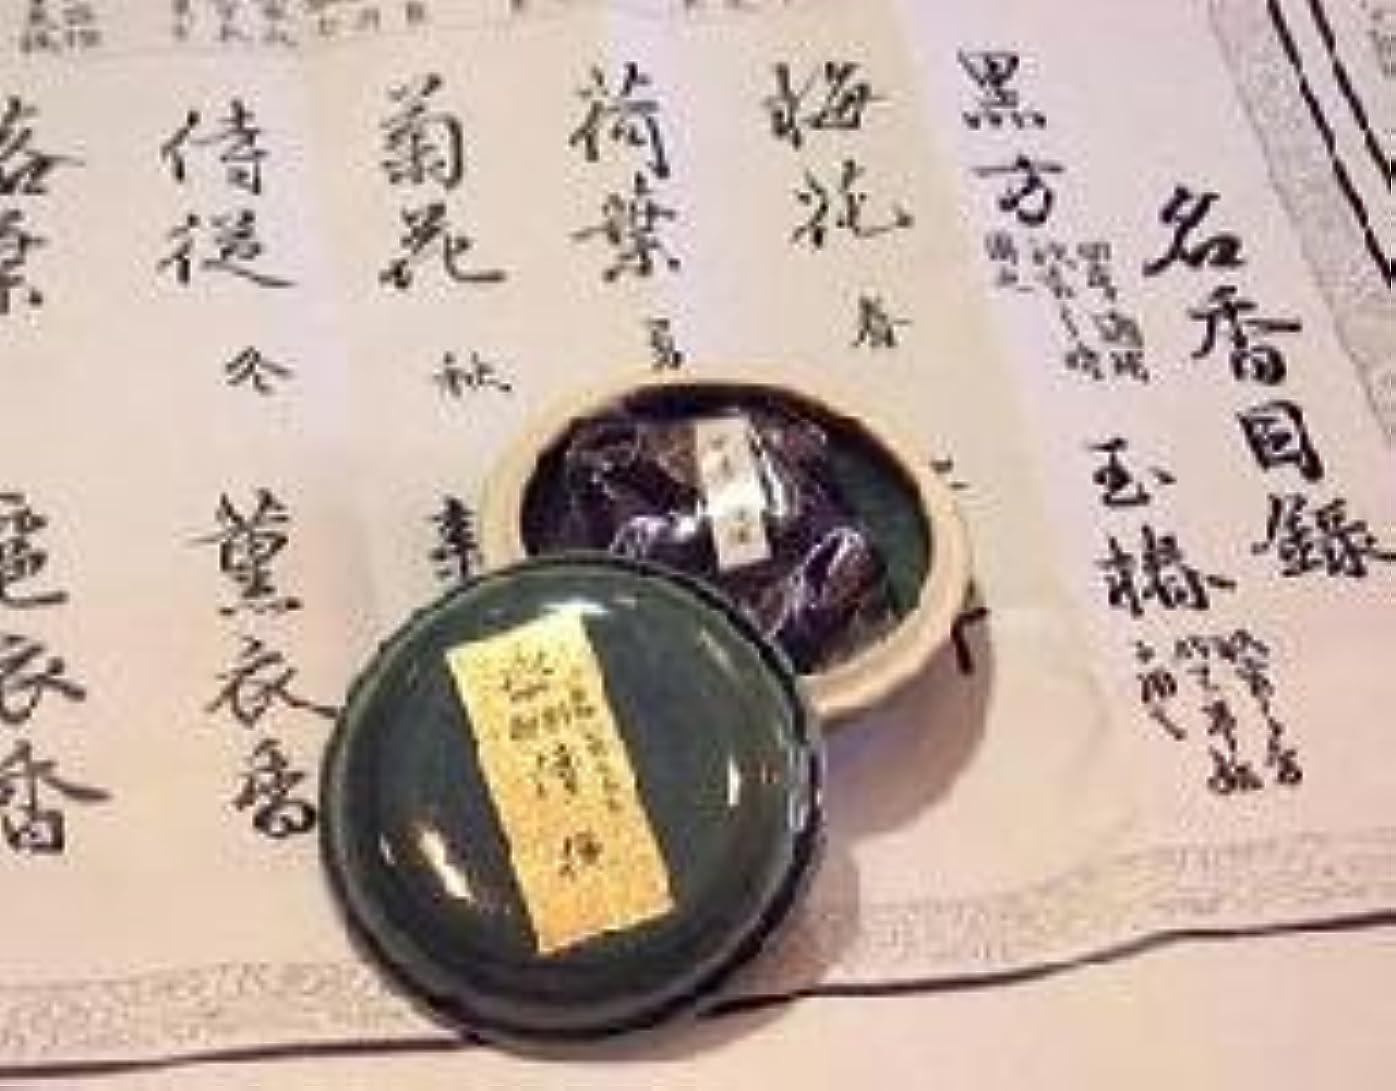 潜在的なギャザーシリアル鳩居堂の煉香 御香 侍従 桐箱 たと紙 陶器香合11g入 #505